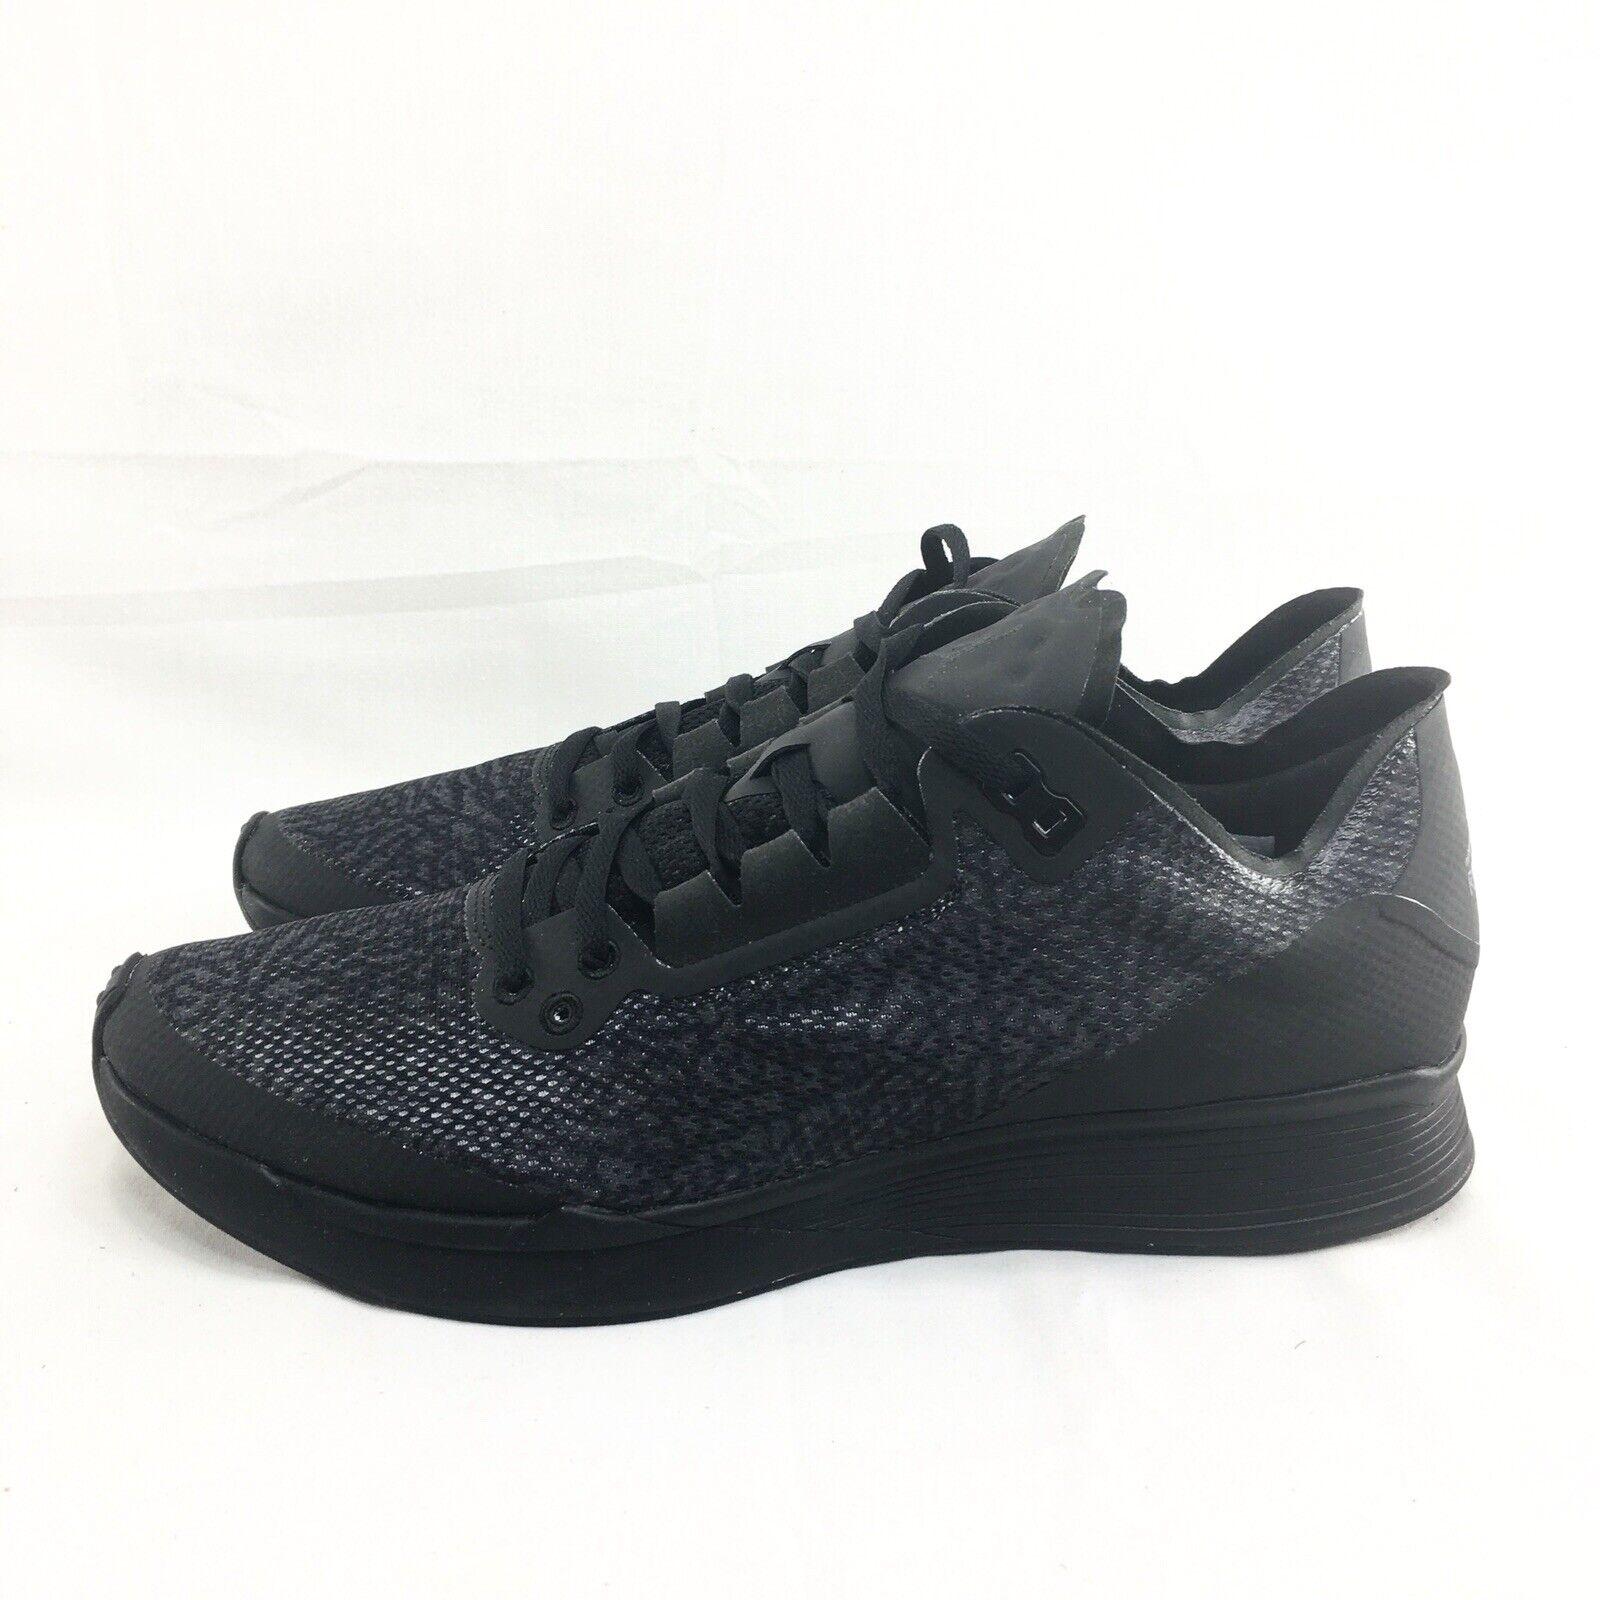 Jordan 88 Racer shoes Men 10.5 11 13 Black Anthracite Running New AV1200-001